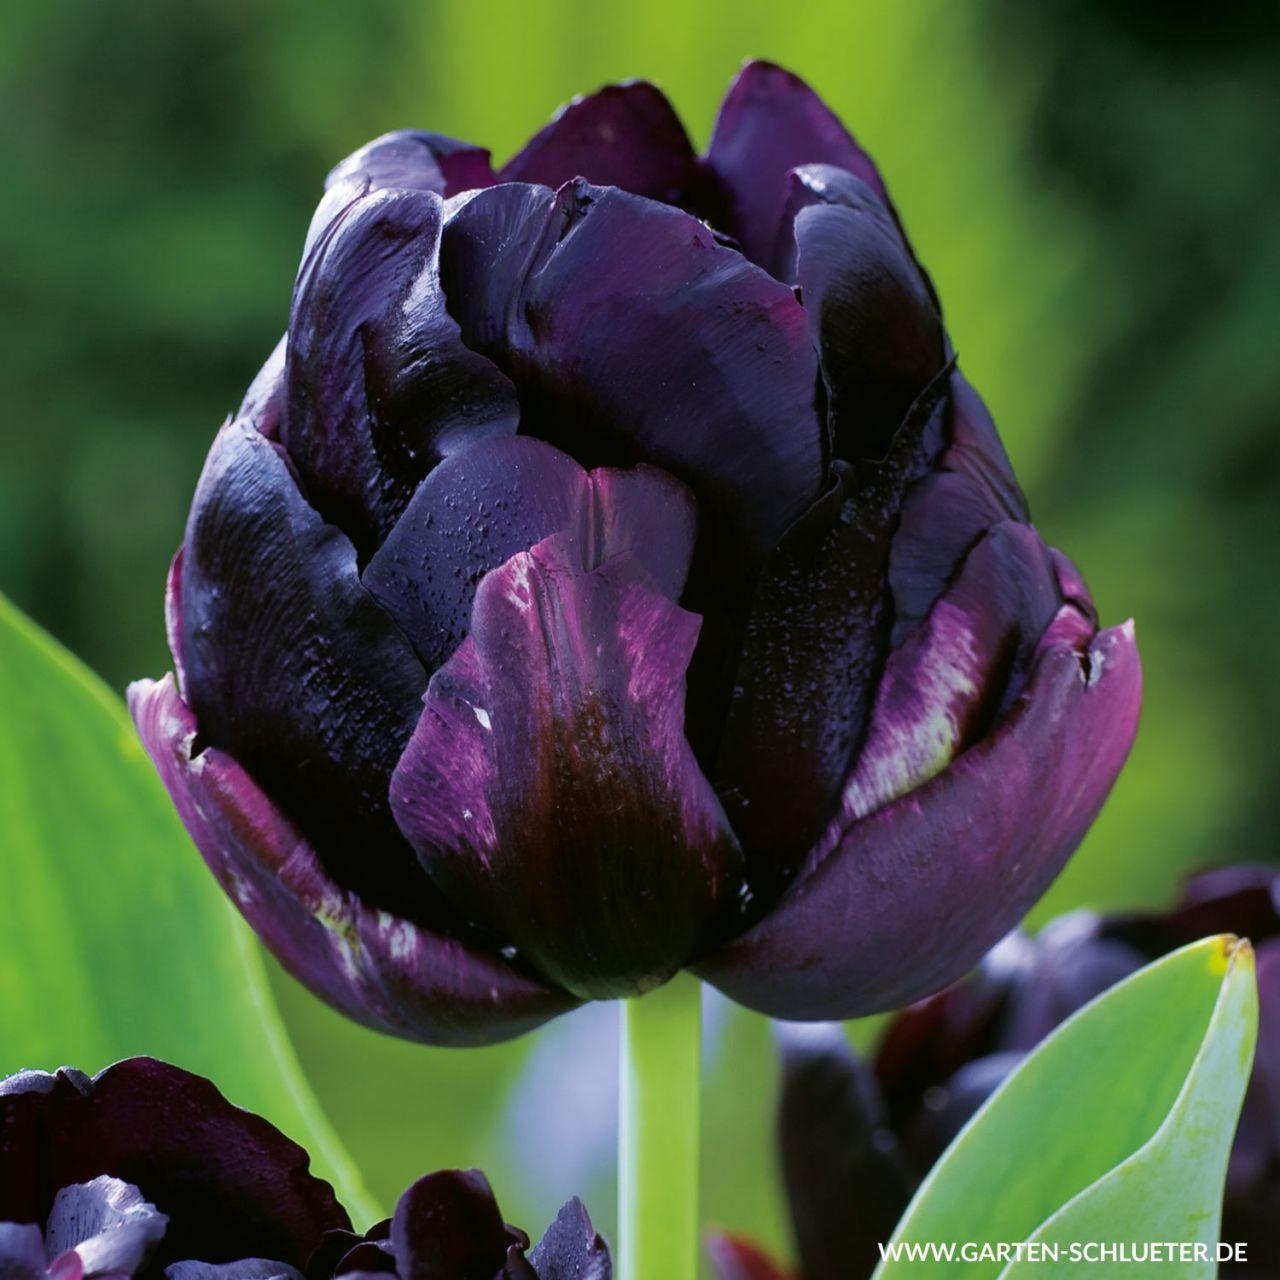 Garten-Schlueter.de: Gefüllte späte Tulpe Black Hero - 5 Stück